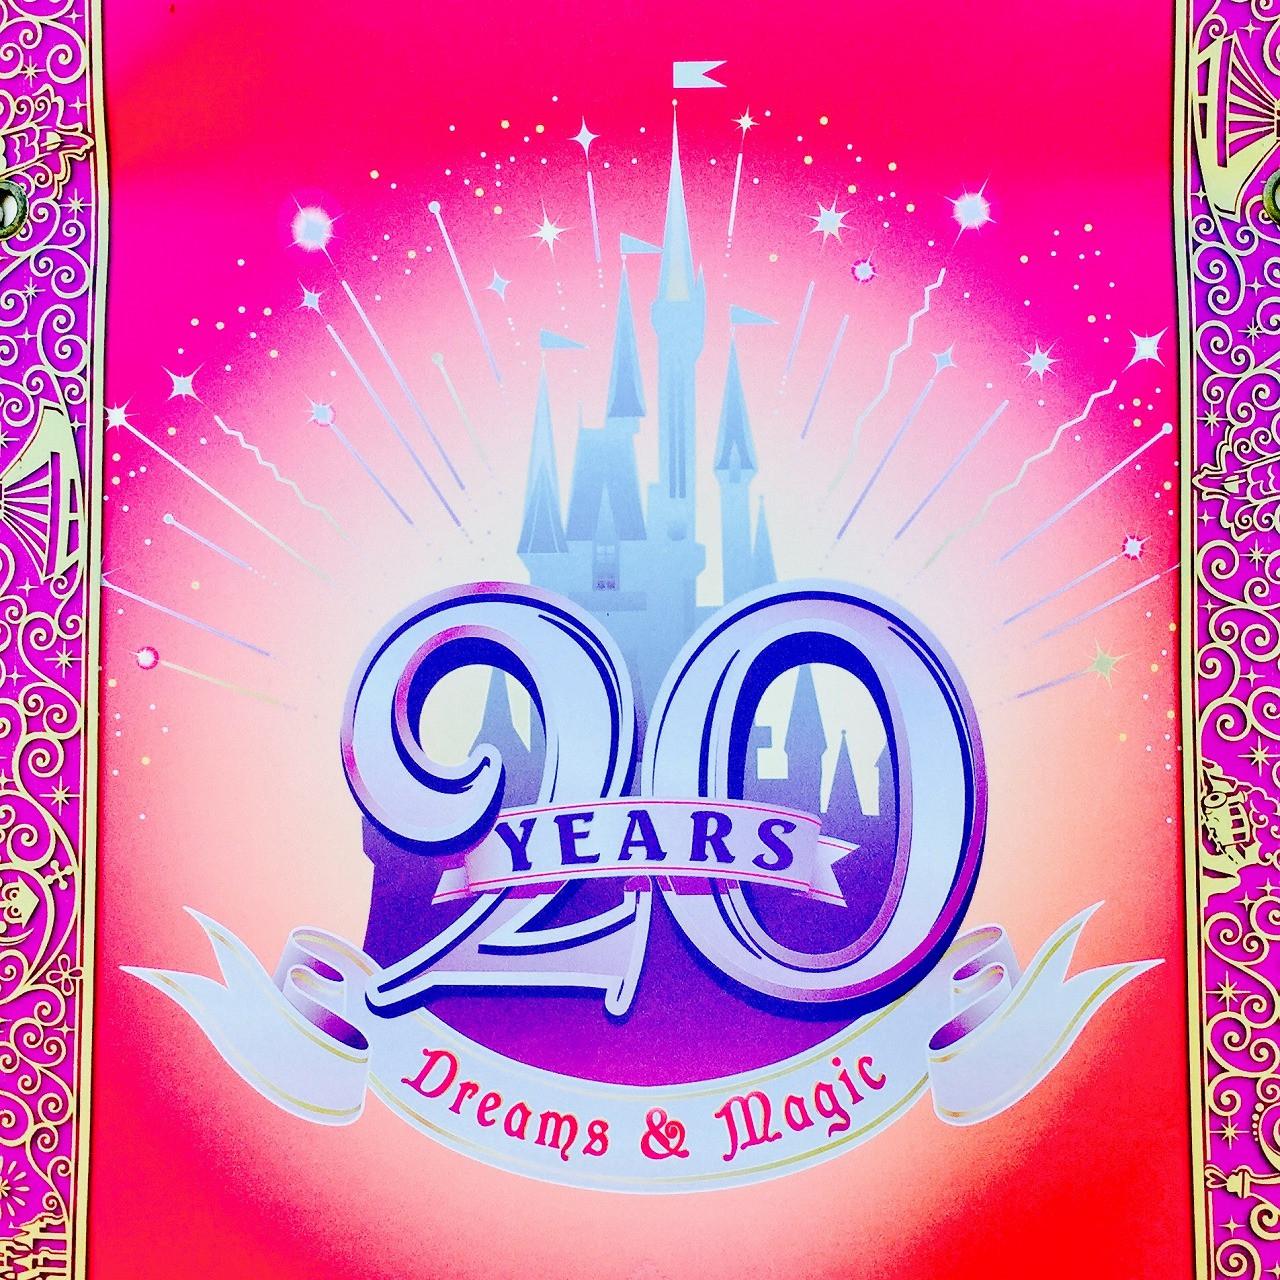 ディズニーランドの20周年ロゴ